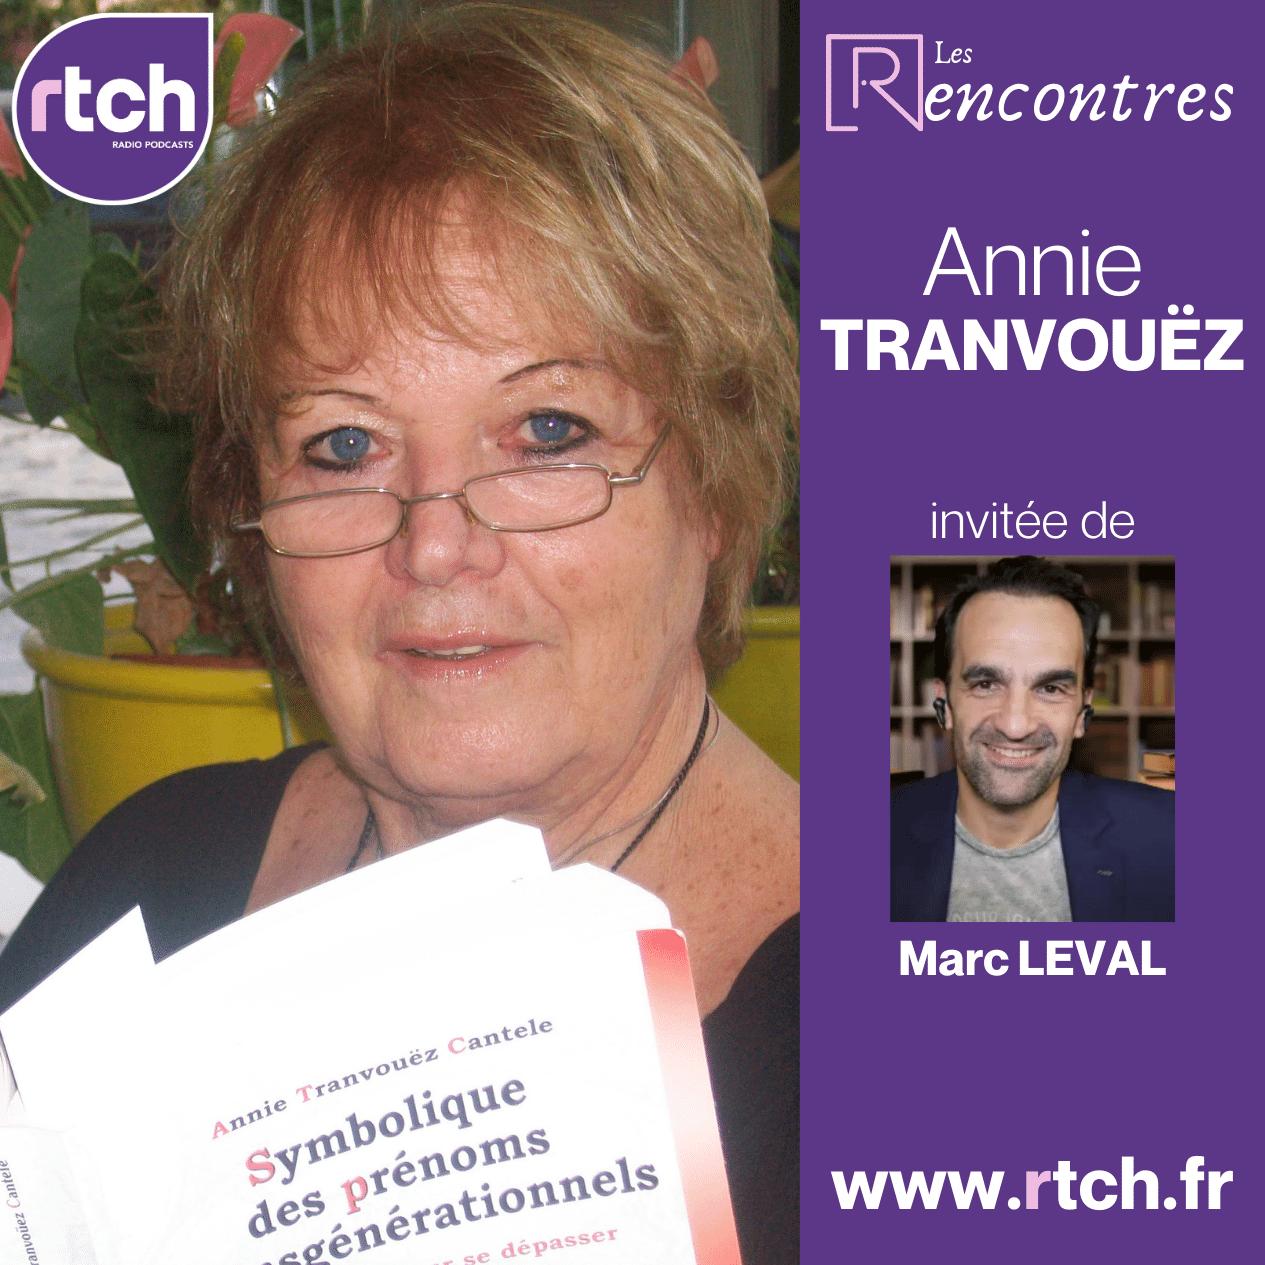 ENCARTS Annie TRANVOUEZ